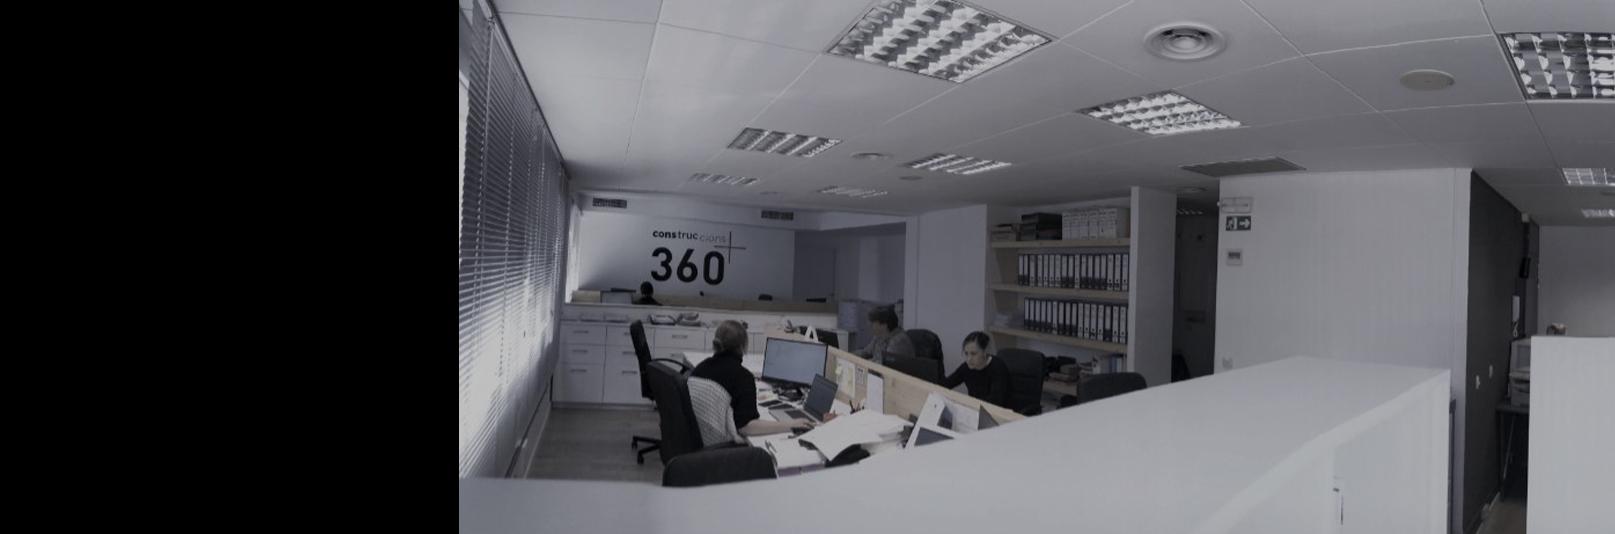 construccions_360_plus_empresa